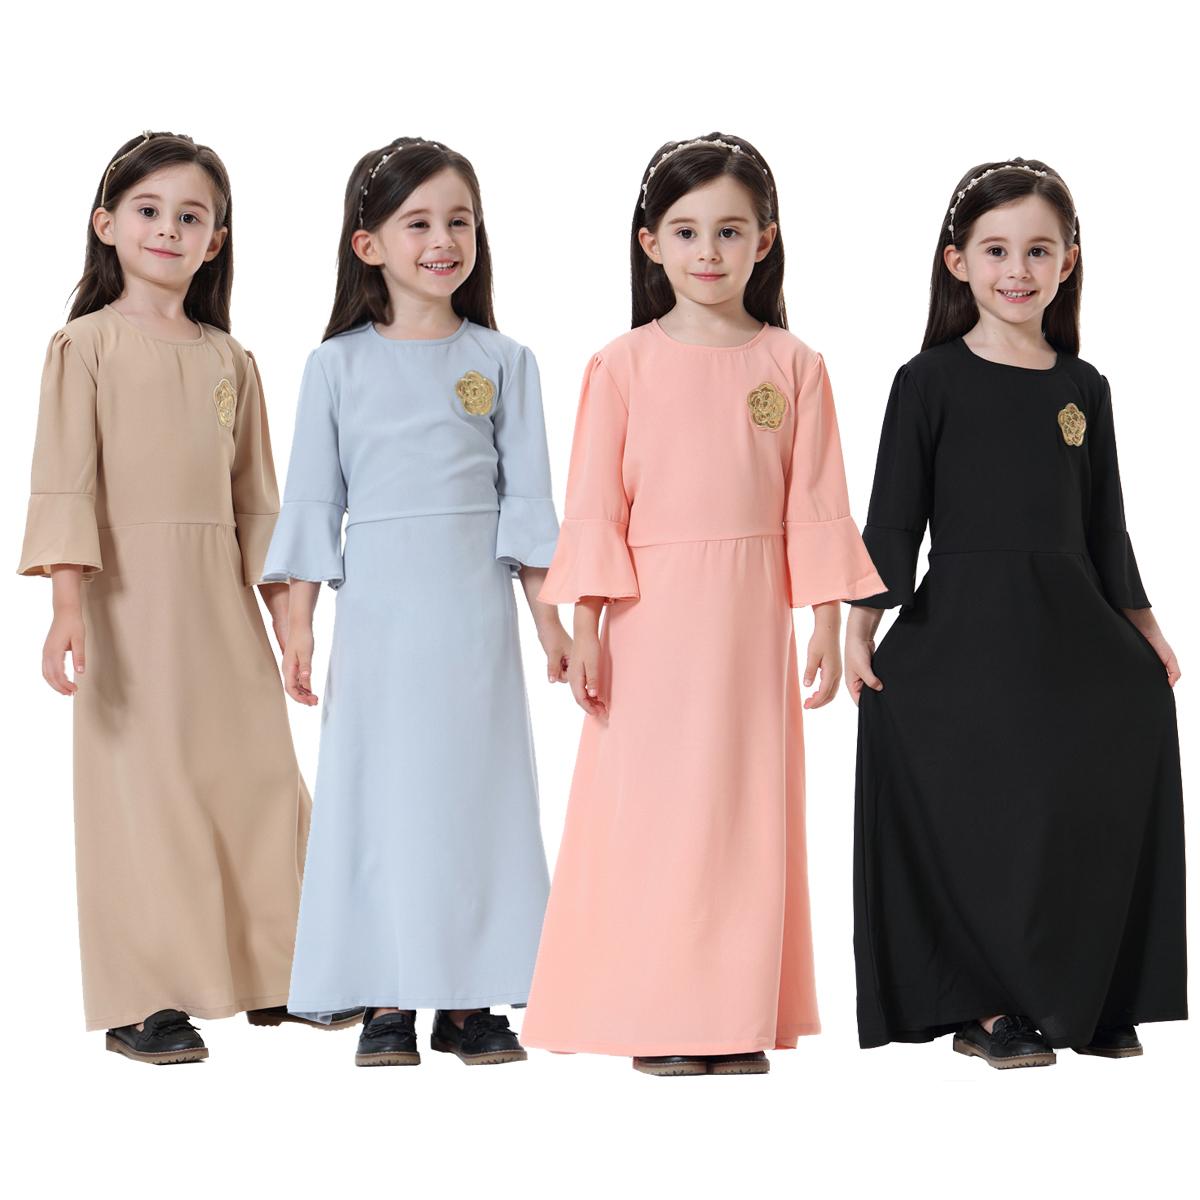 a72d7ac8024c Kids Girls Baby Beach Muslim Summer Solid Party Long Sleeve Dress ...